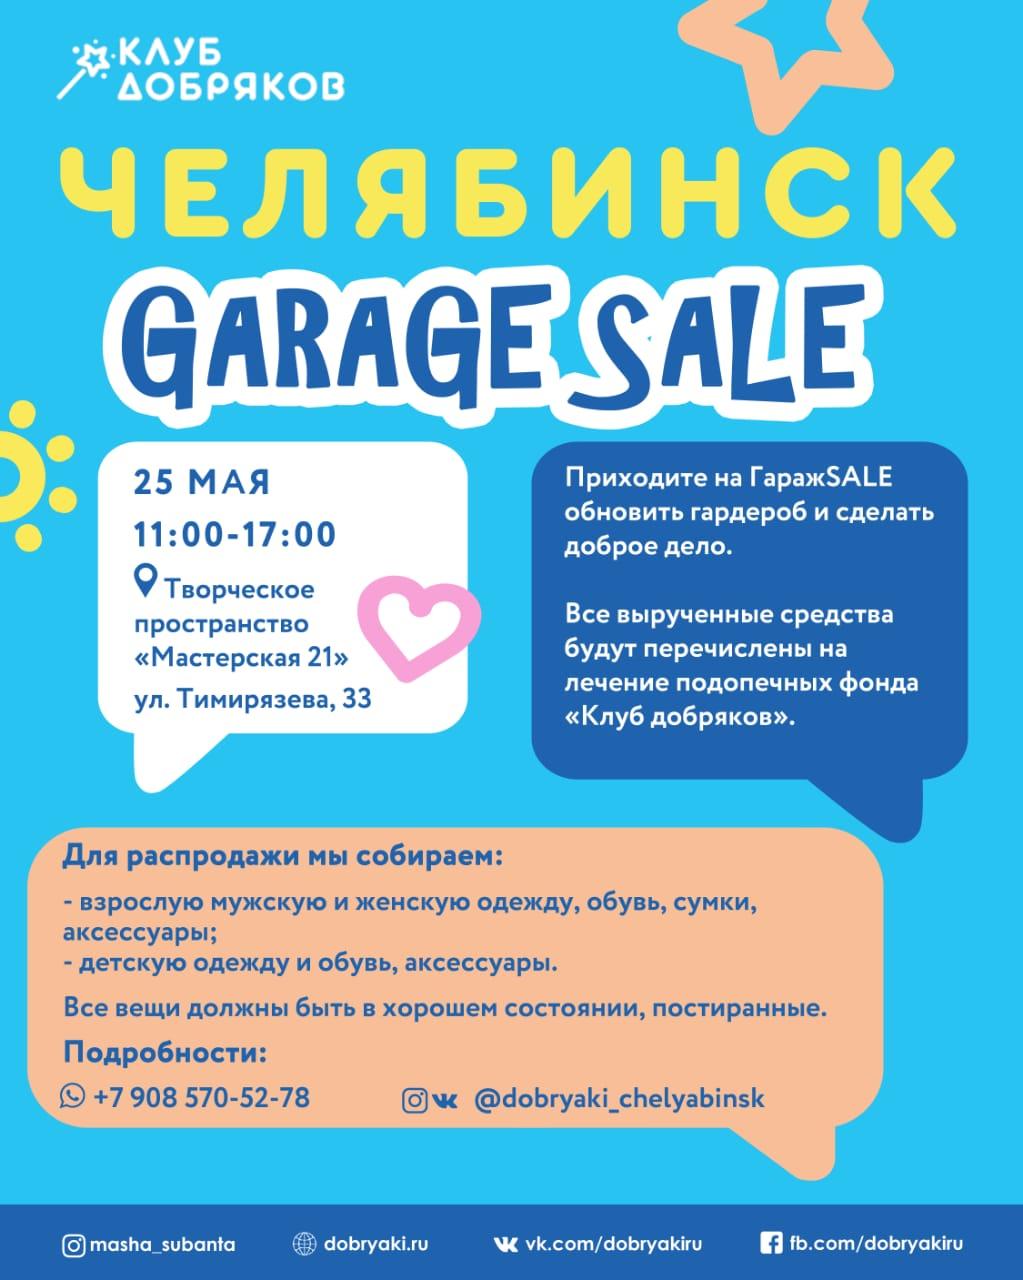 Гараж-sale от добряков в Челябинске